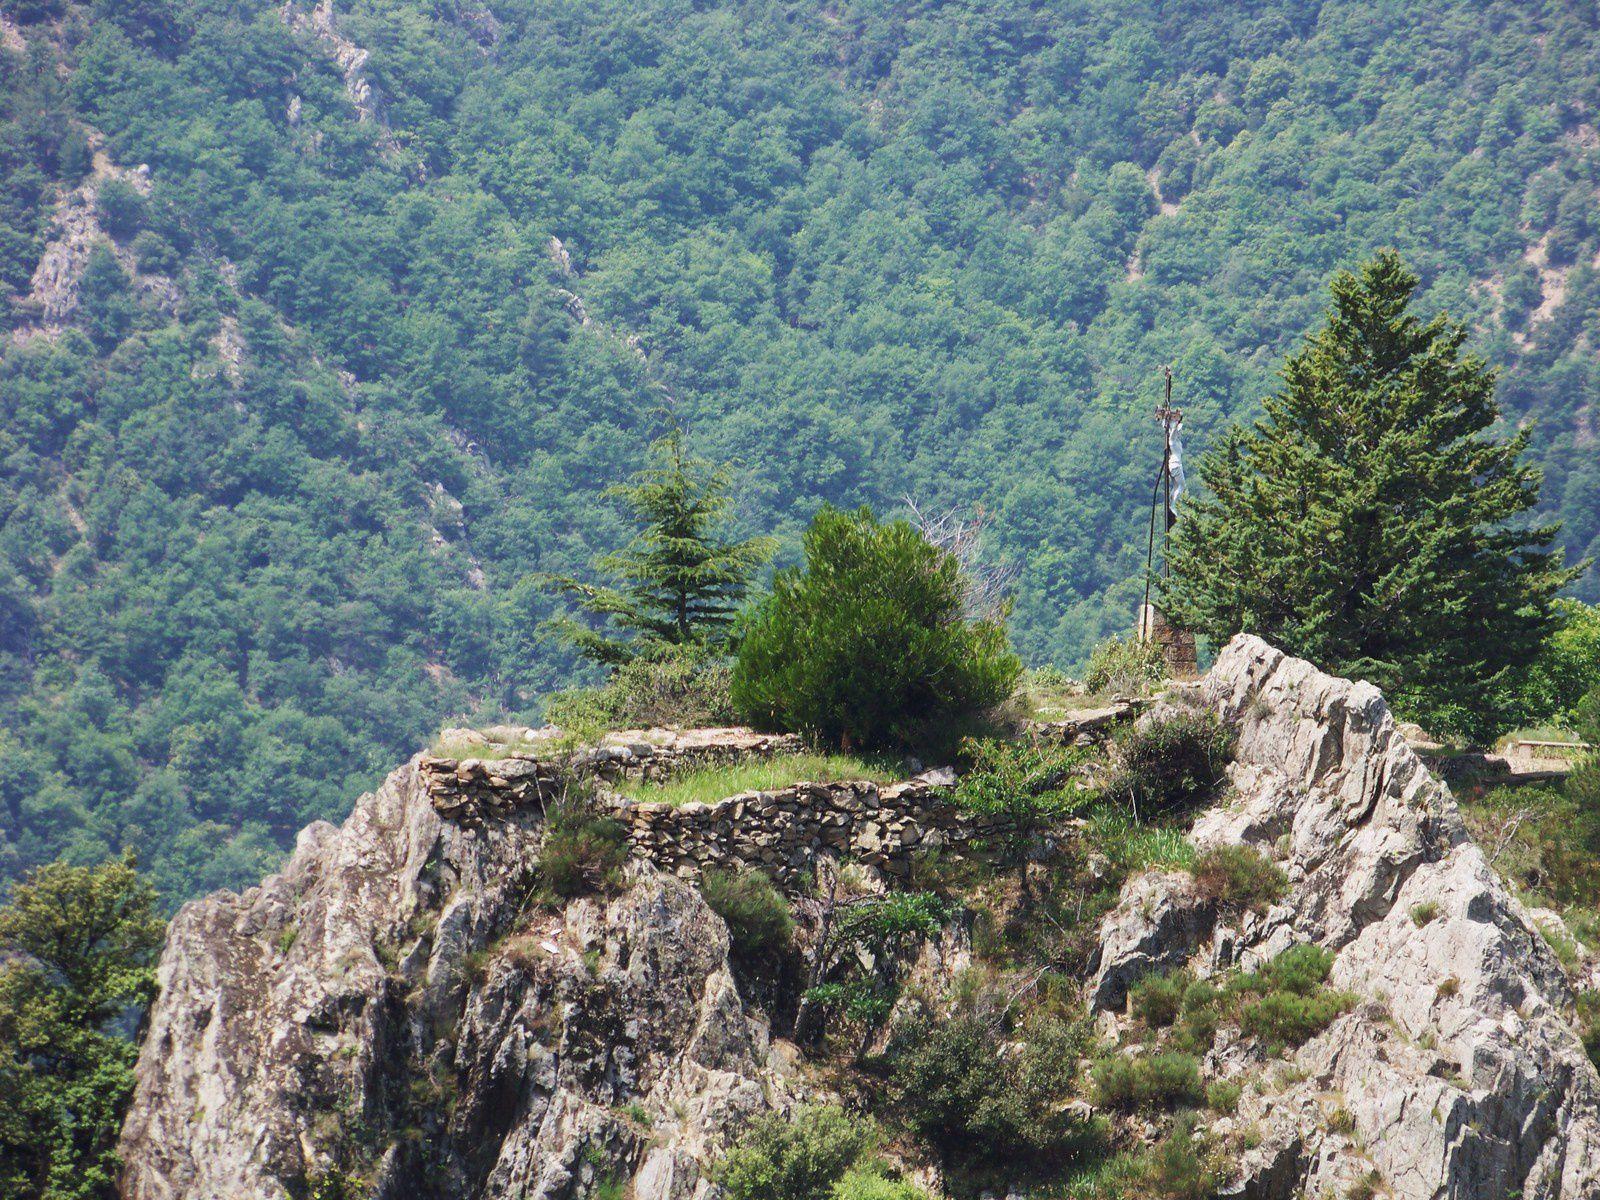 toute ce que vous voulez savoir sur Le Canigou;St Martin et son manteau dont il céda la moitié ; la source qui coule de la montagne; le ptit jardin là-haut